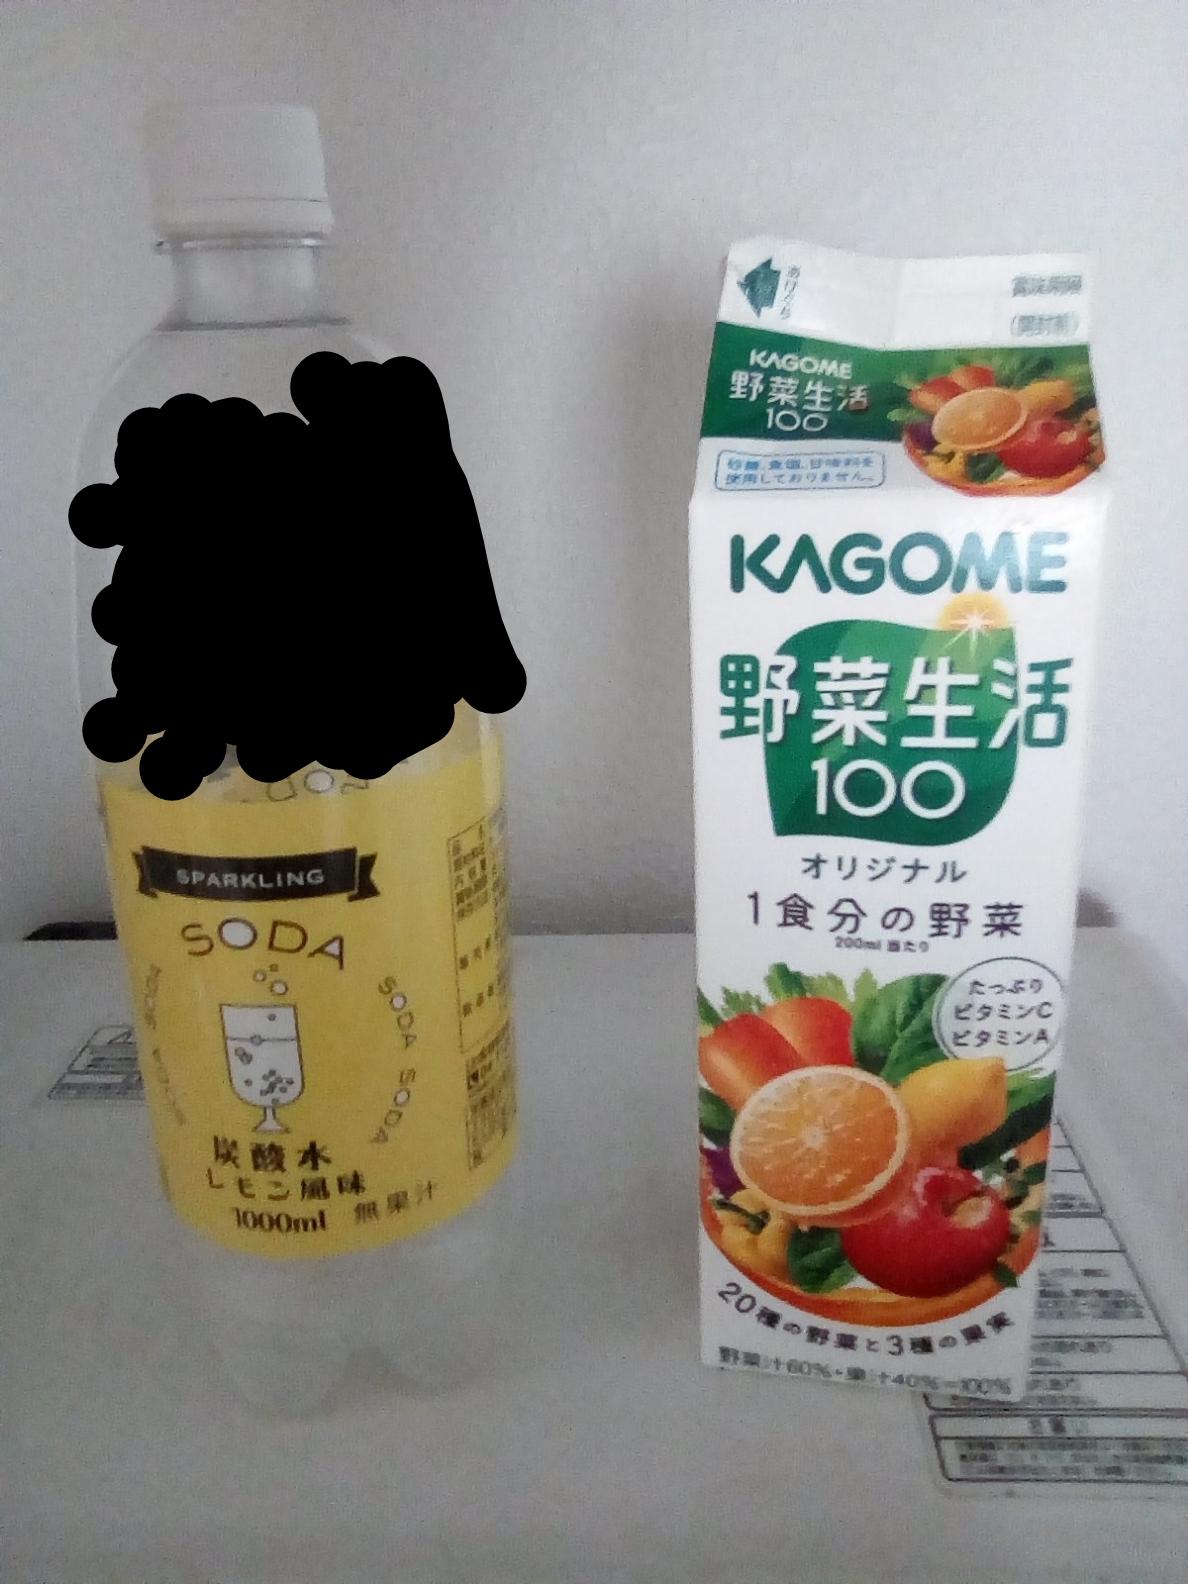 【朗報】ワイ、炭酸水と野菜ジュースを混ぜて飲む